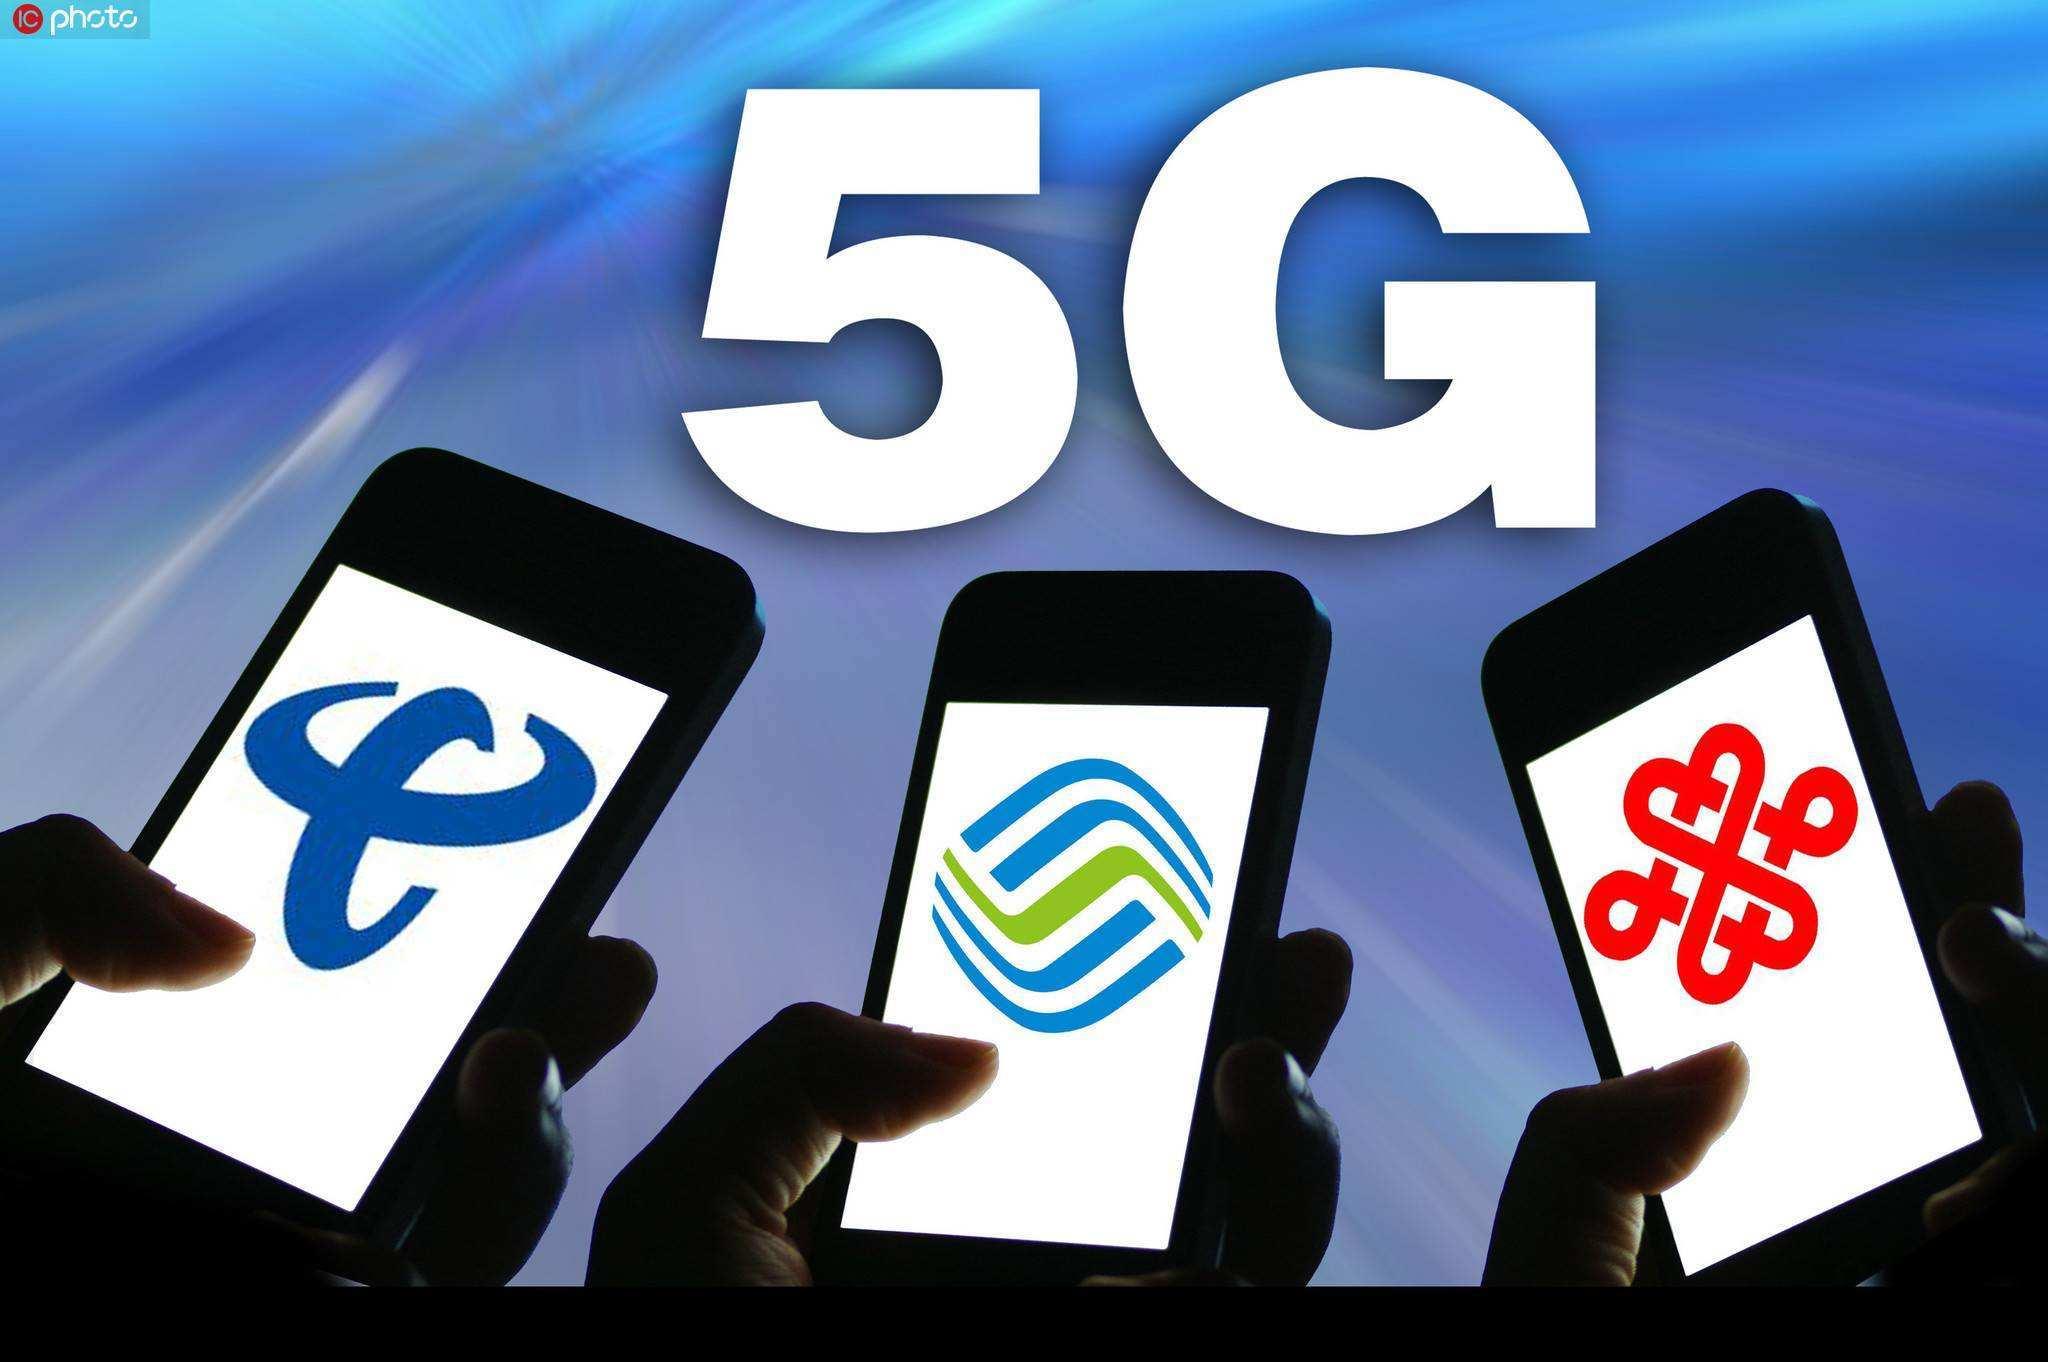 5G商用加速:用户数即将破亿,三大运营商重启价格战的照片 - 2